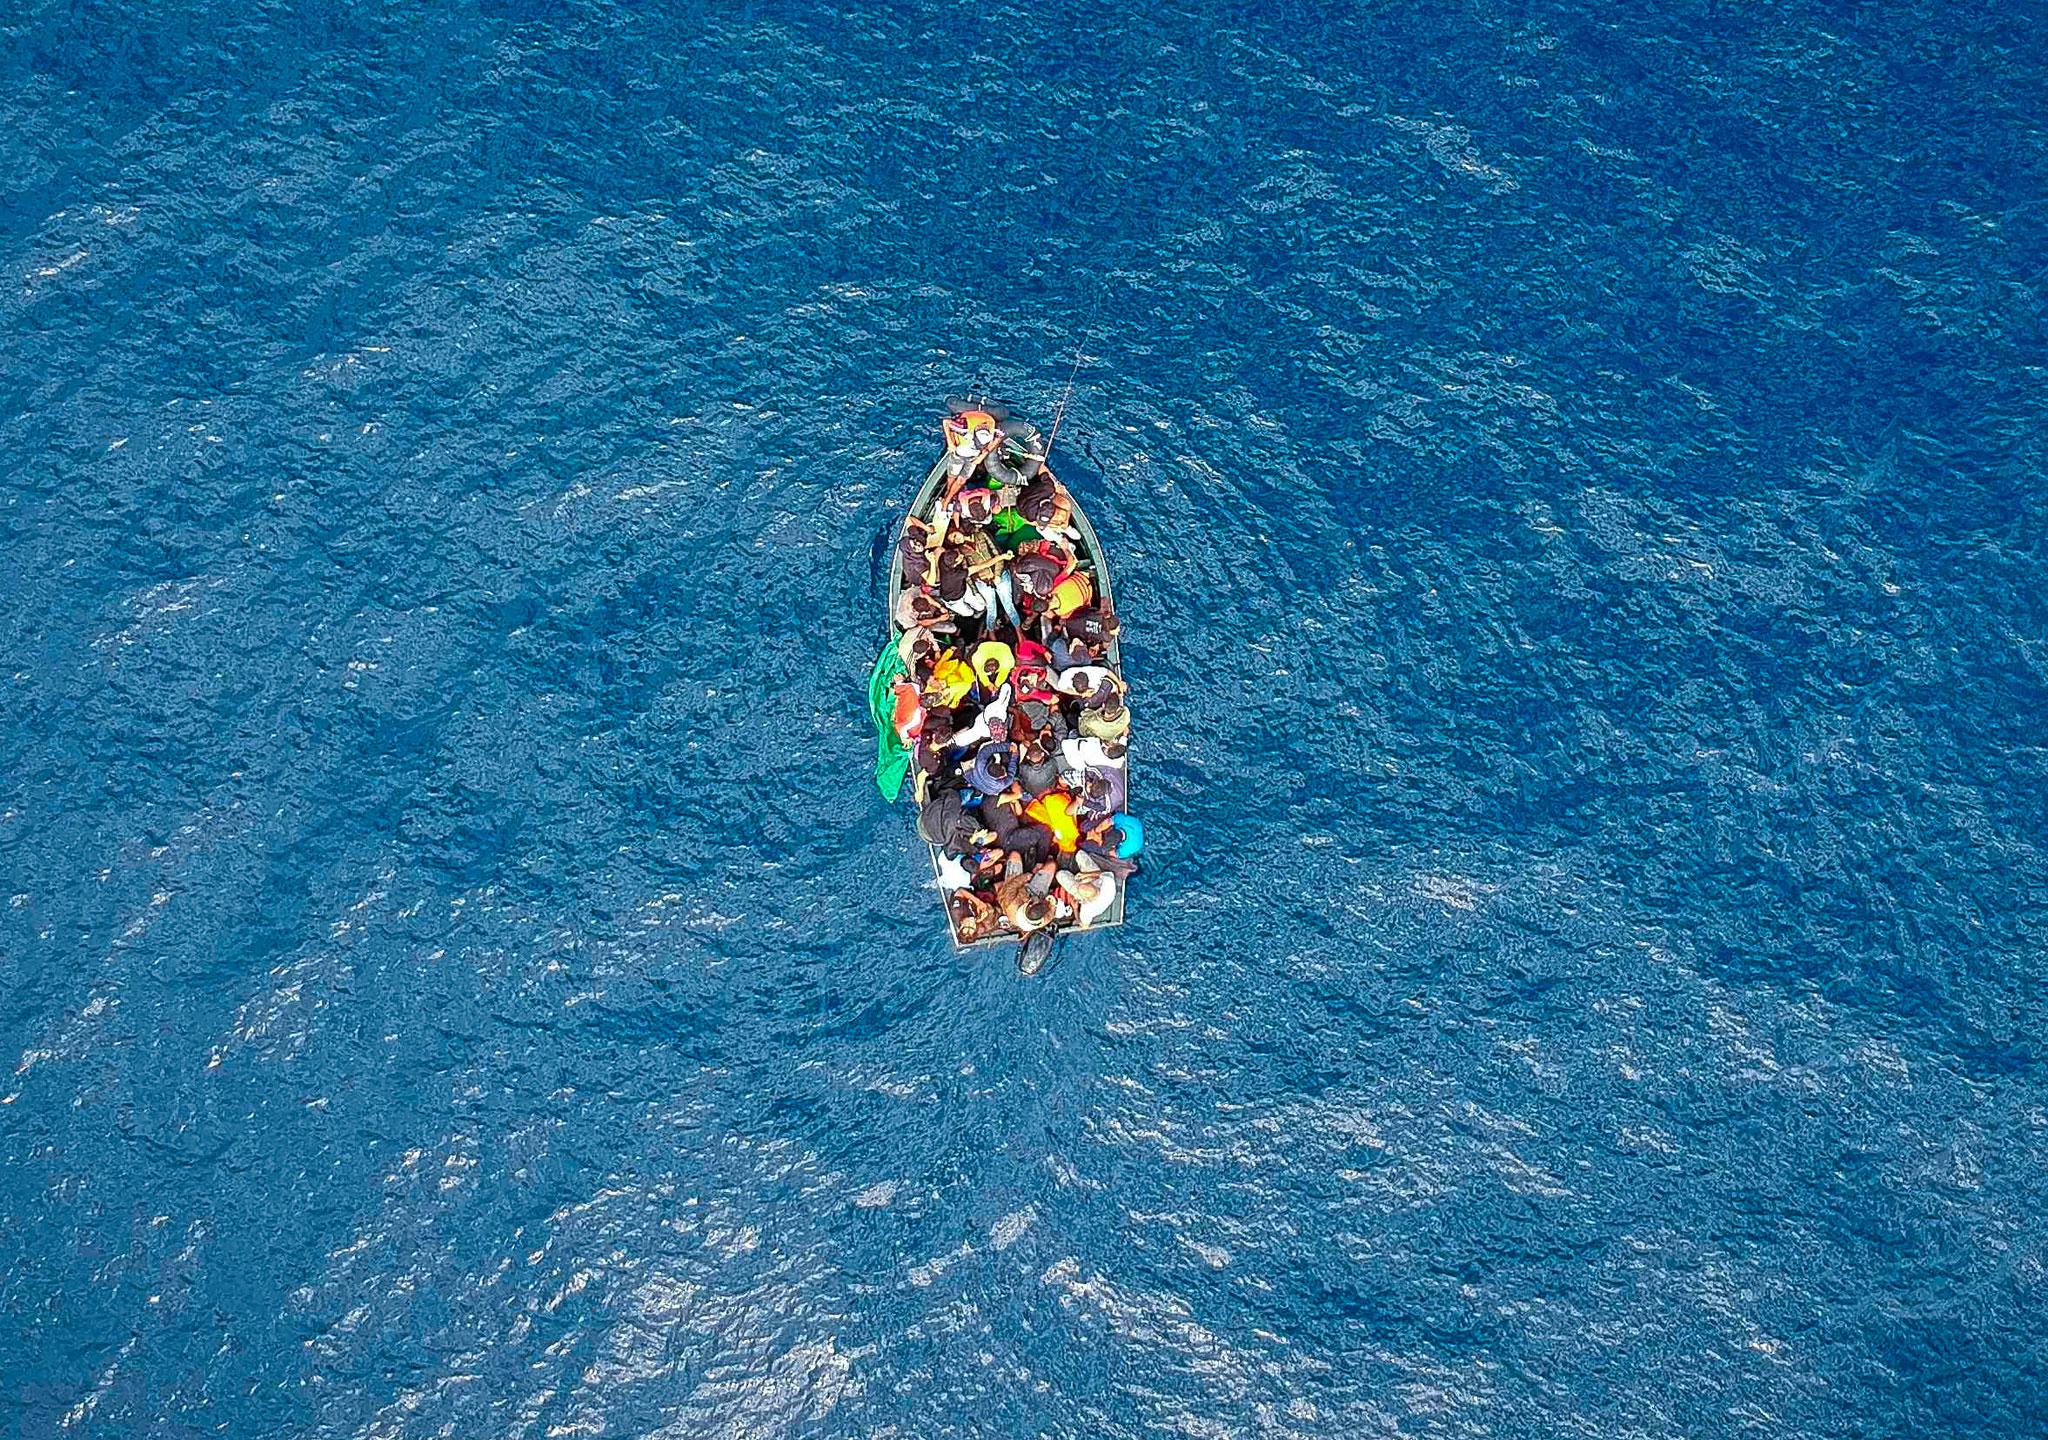 Drástico descenso de la llegada de inmigrantes a Europa